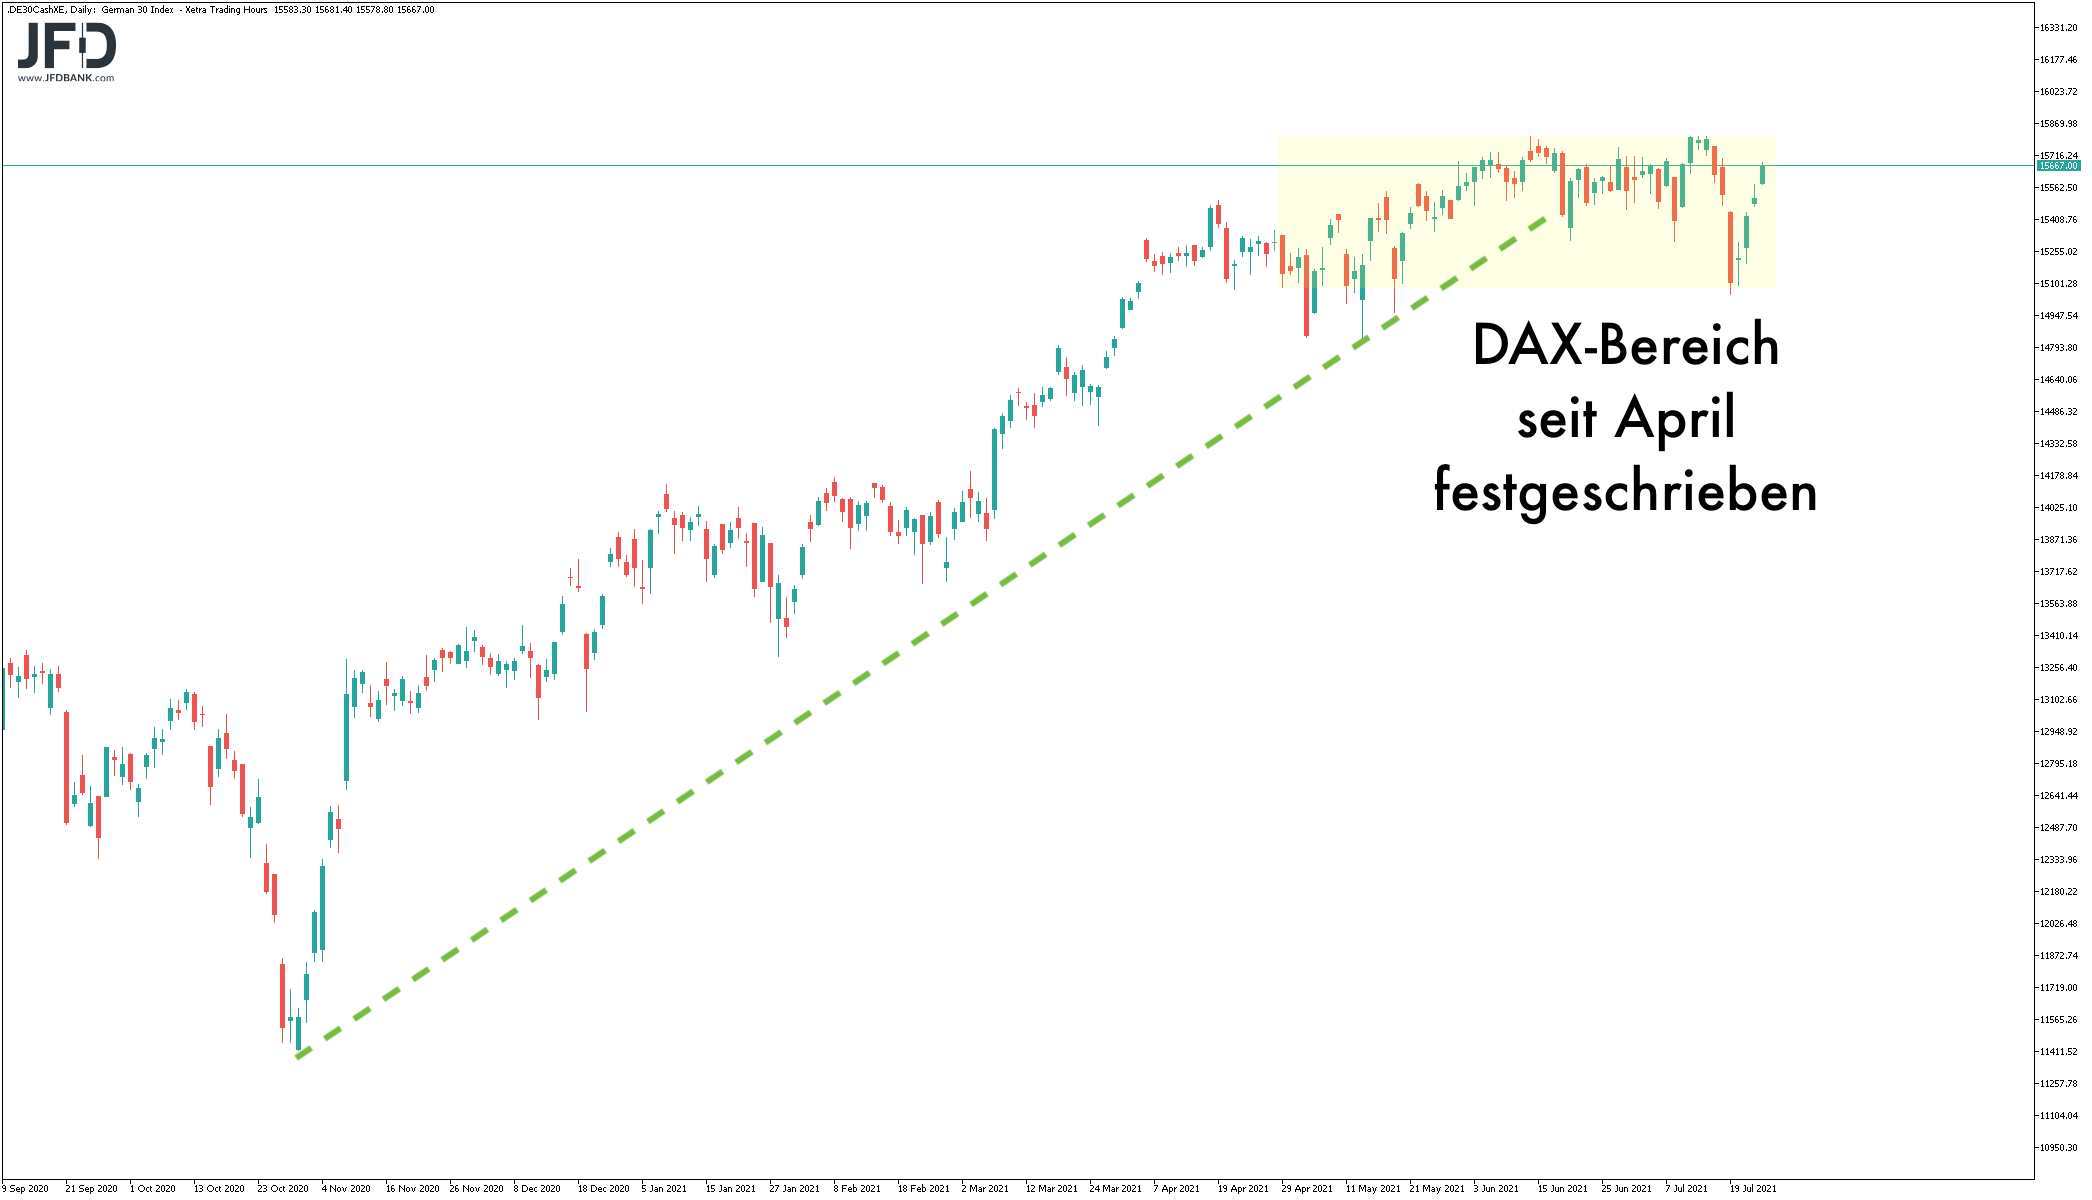 Tageschart des DAX in breiter Konsolidierungszone